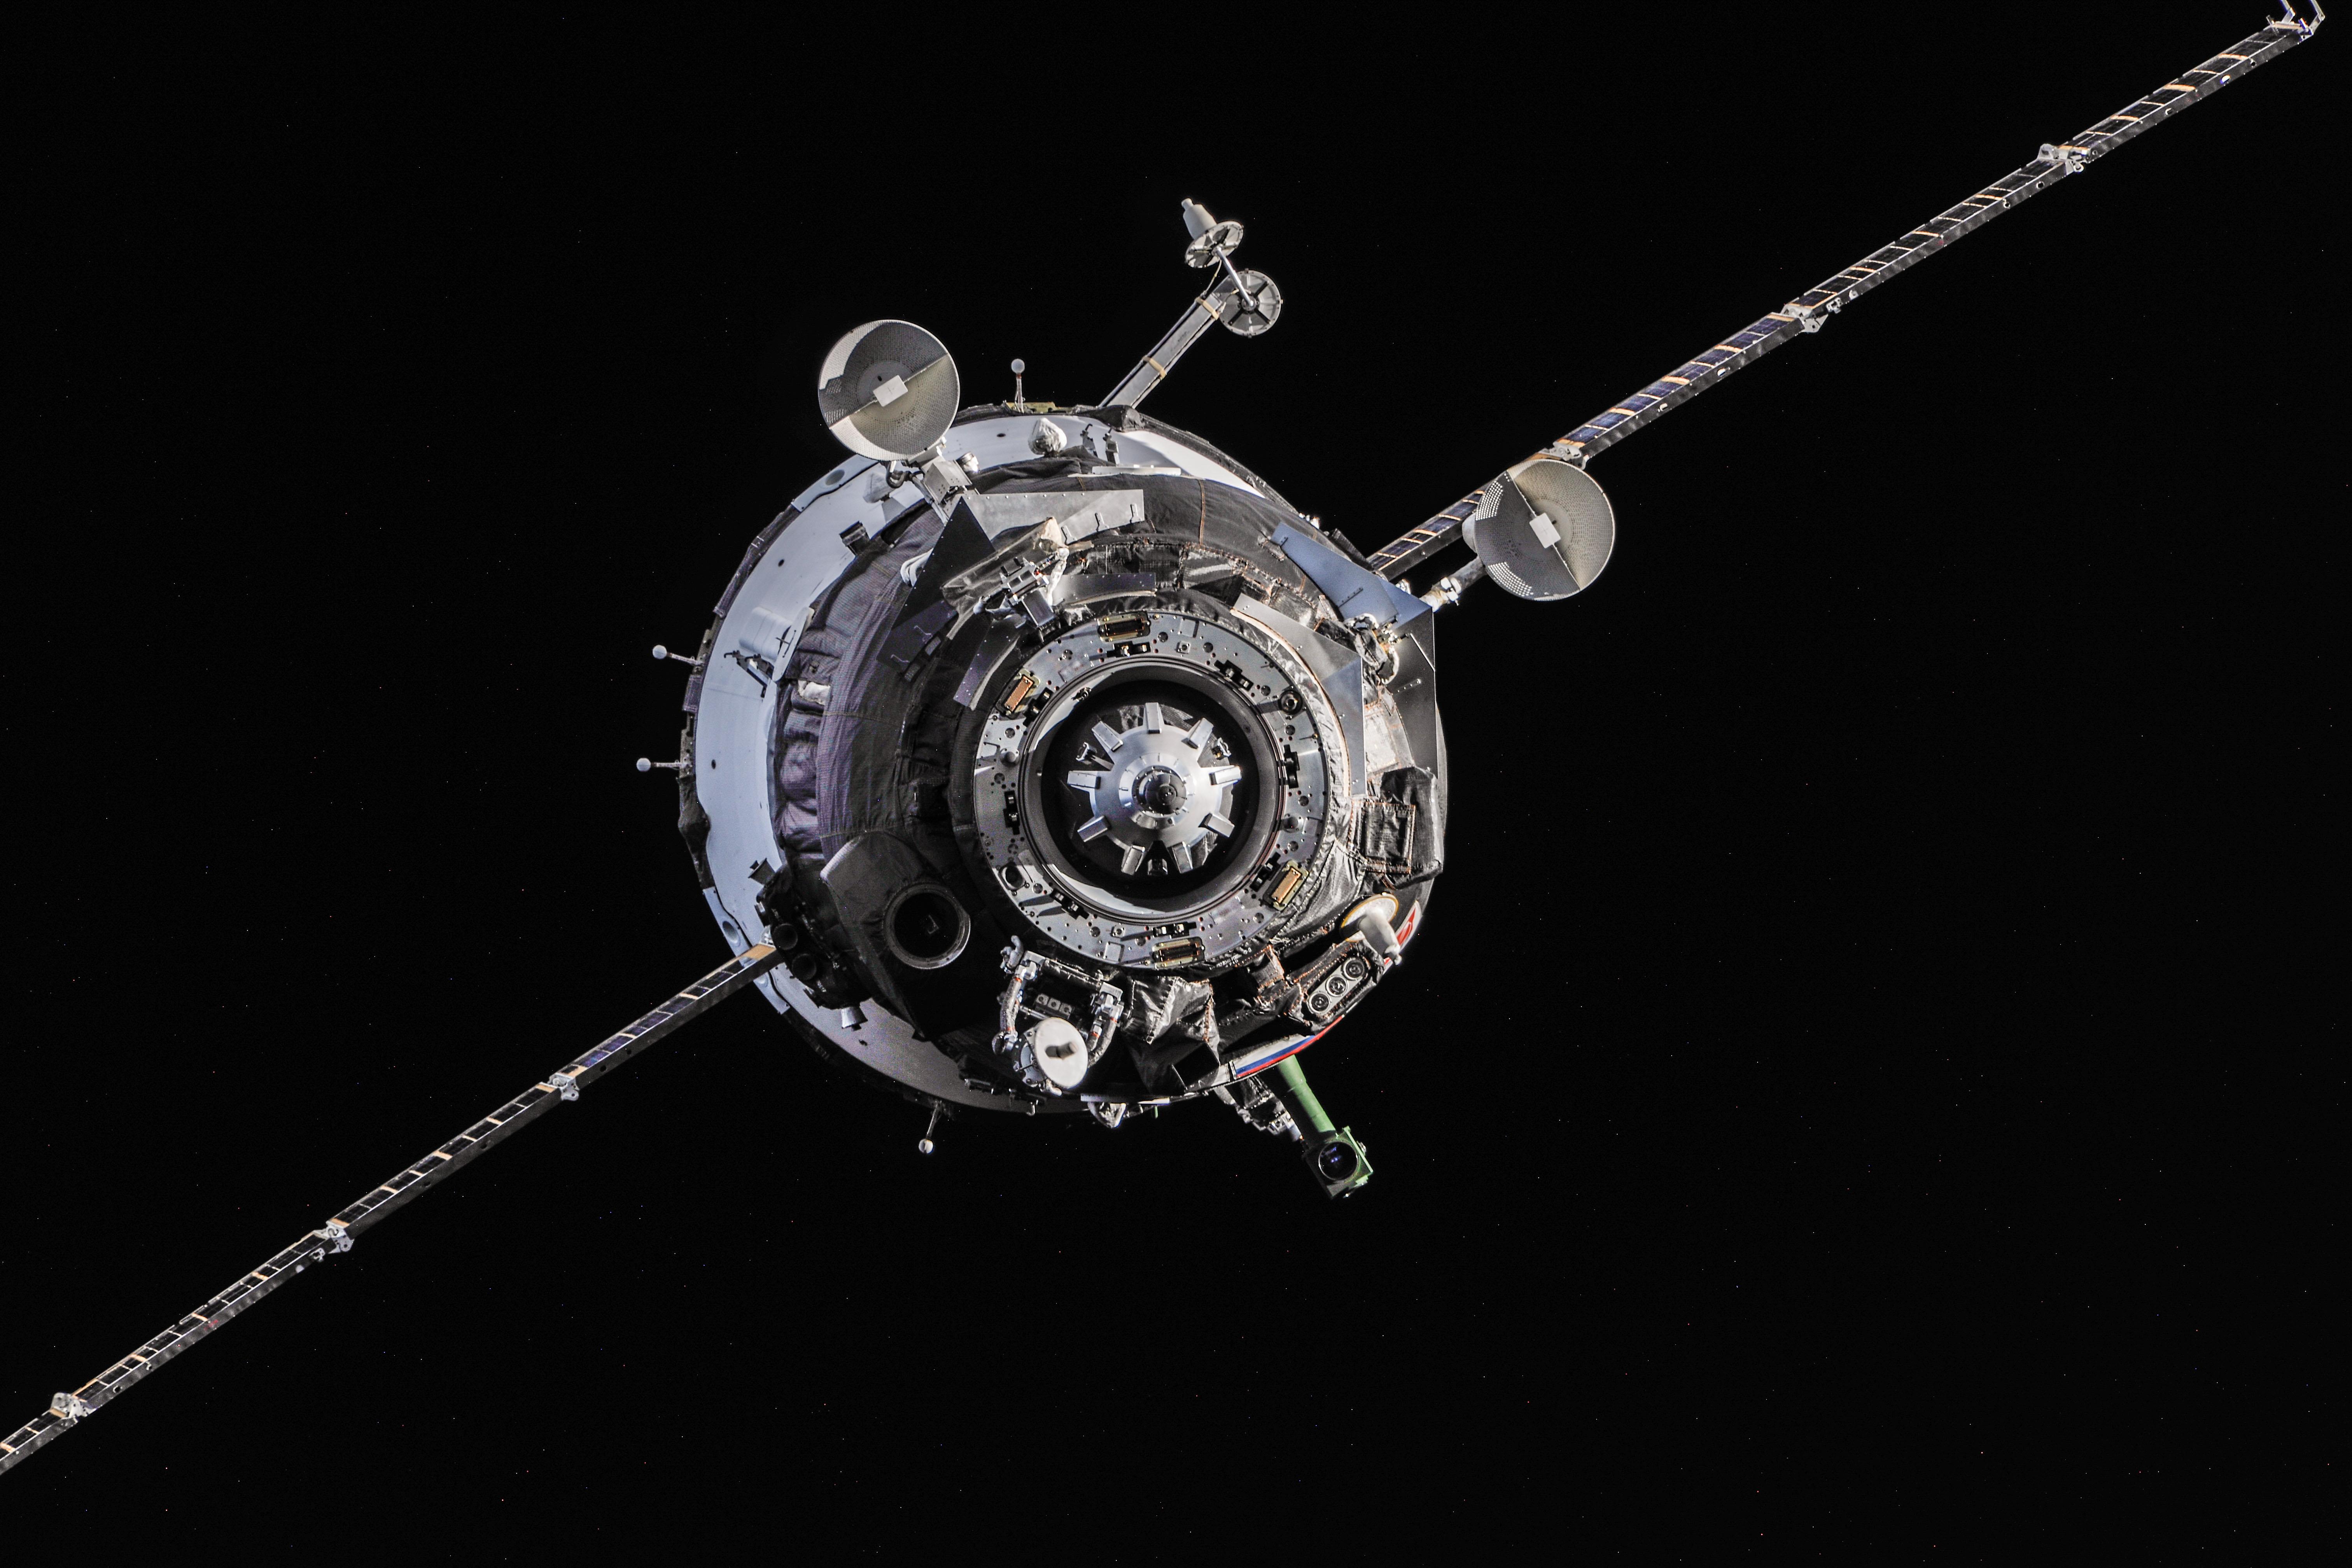 russian spacecraft soyuz - photo #22